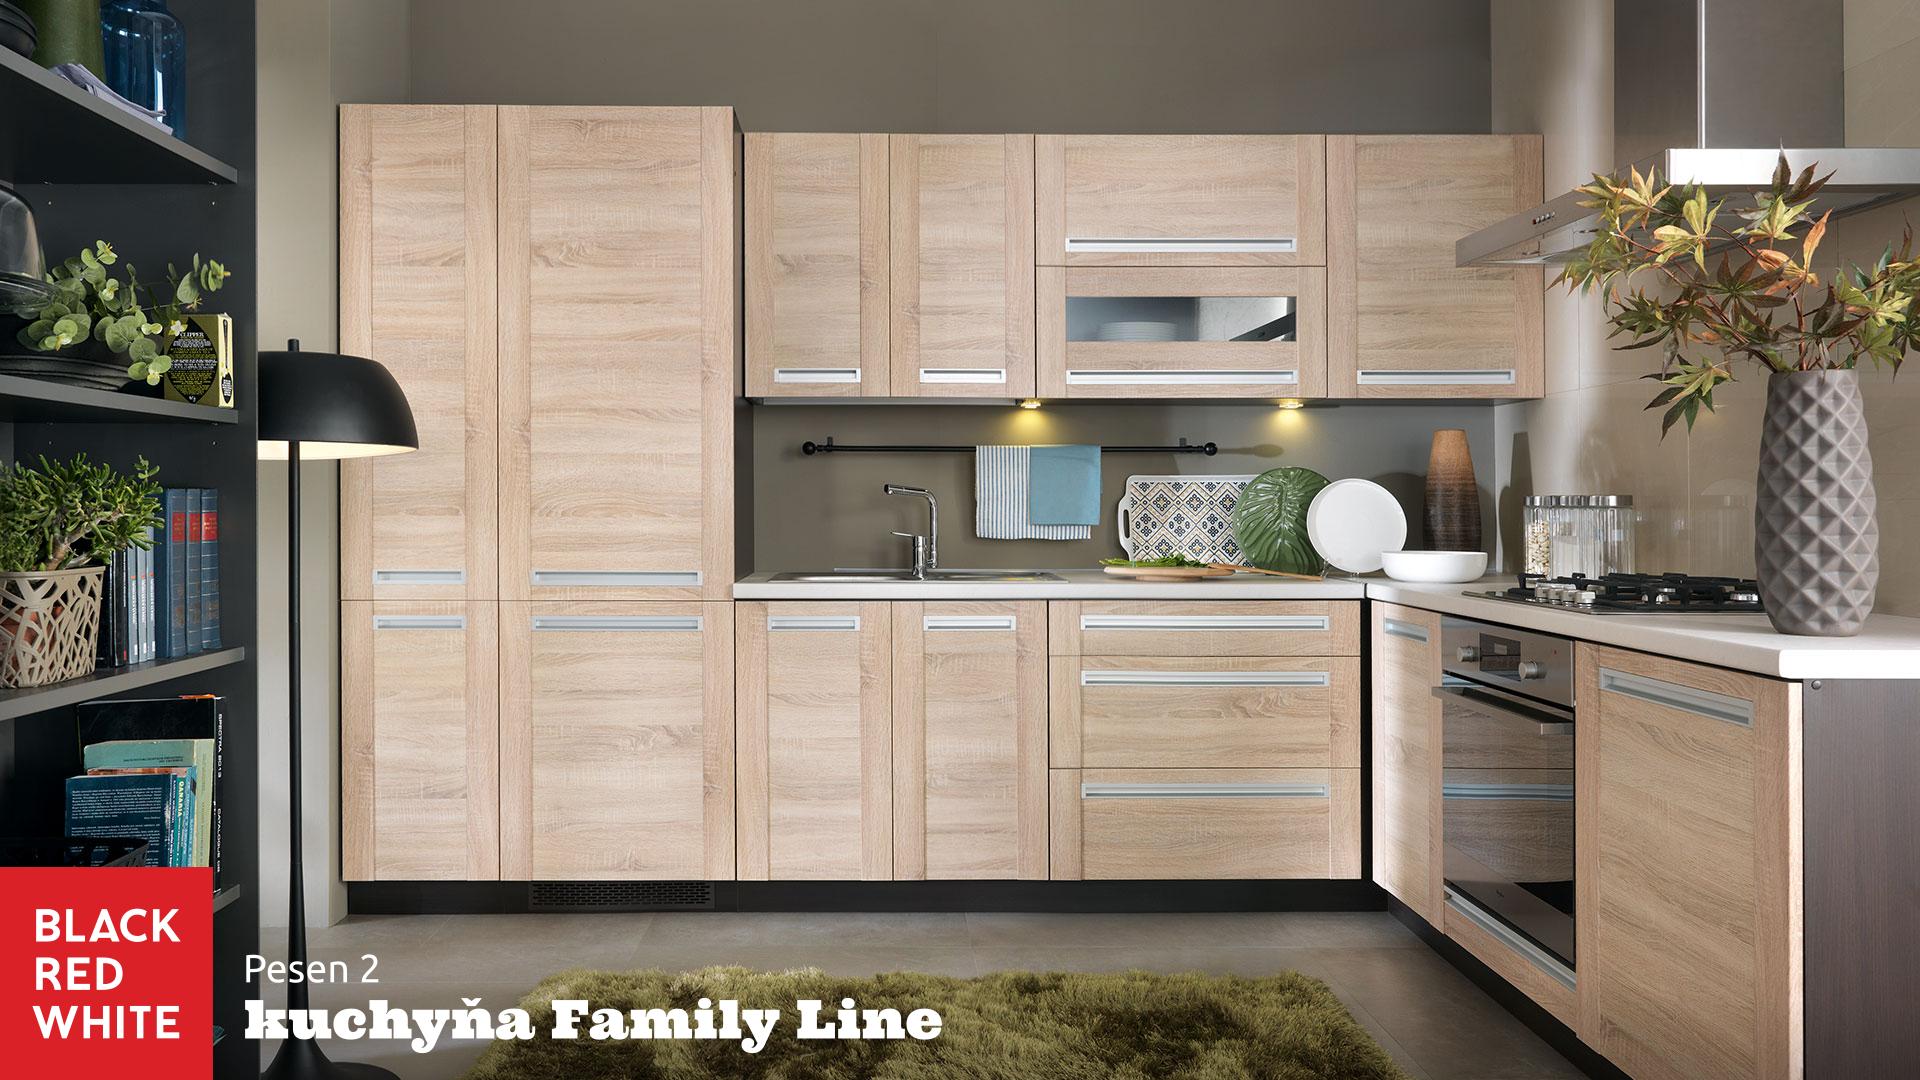 Kuchyňa na mieru Family Line prevedenie Pesen 2 od Black Red White